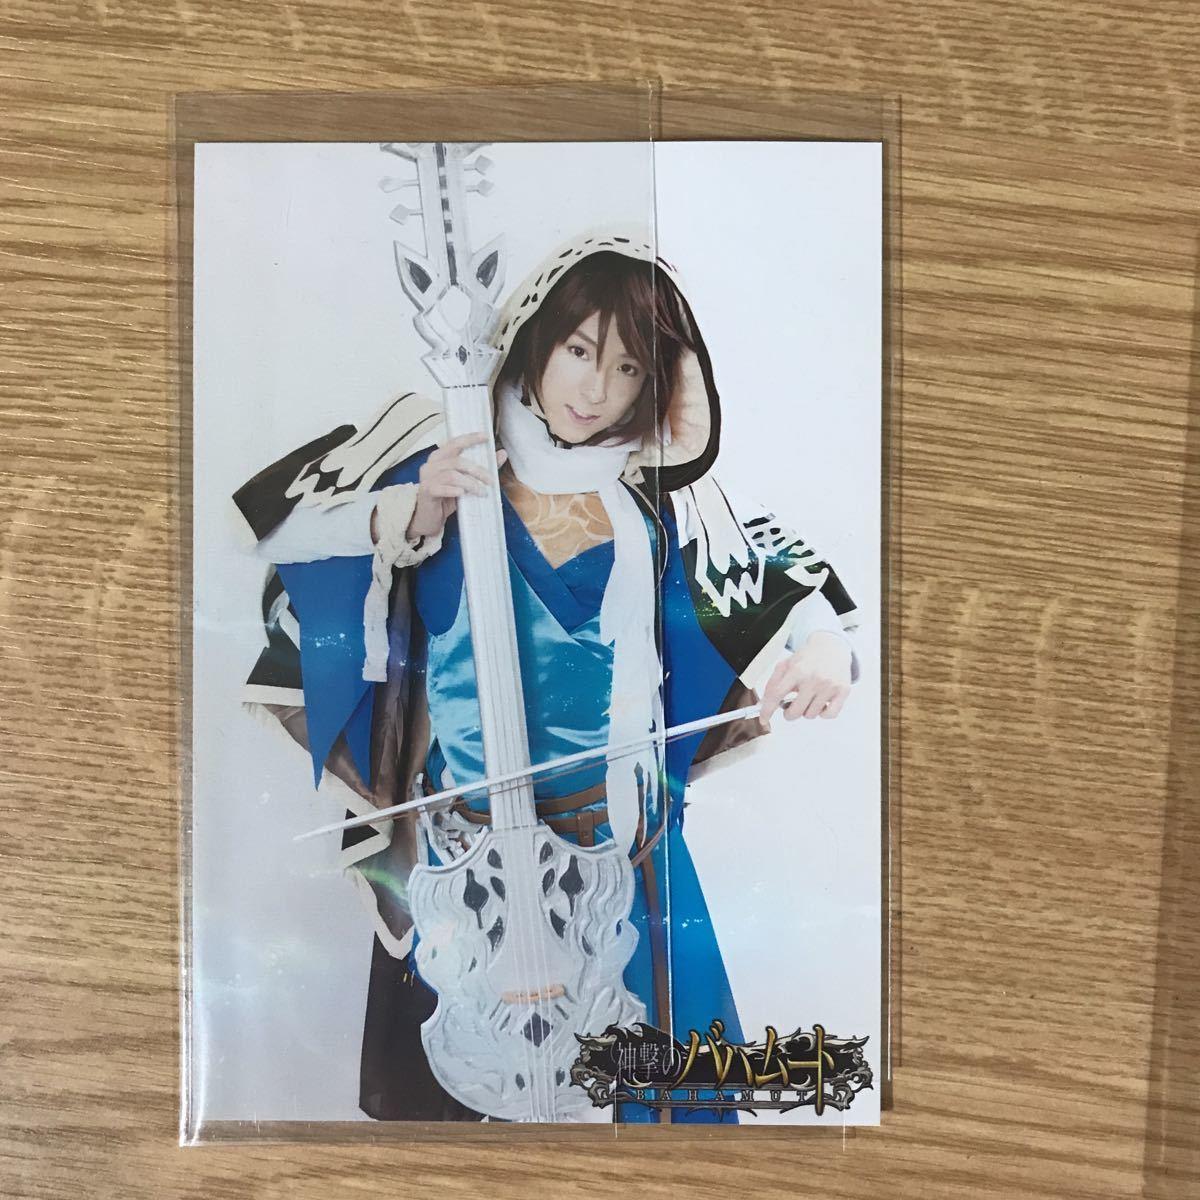 (B16)帯付 中古CD100円 ワンダラーミンストレルエルタ Open your mind_画像2